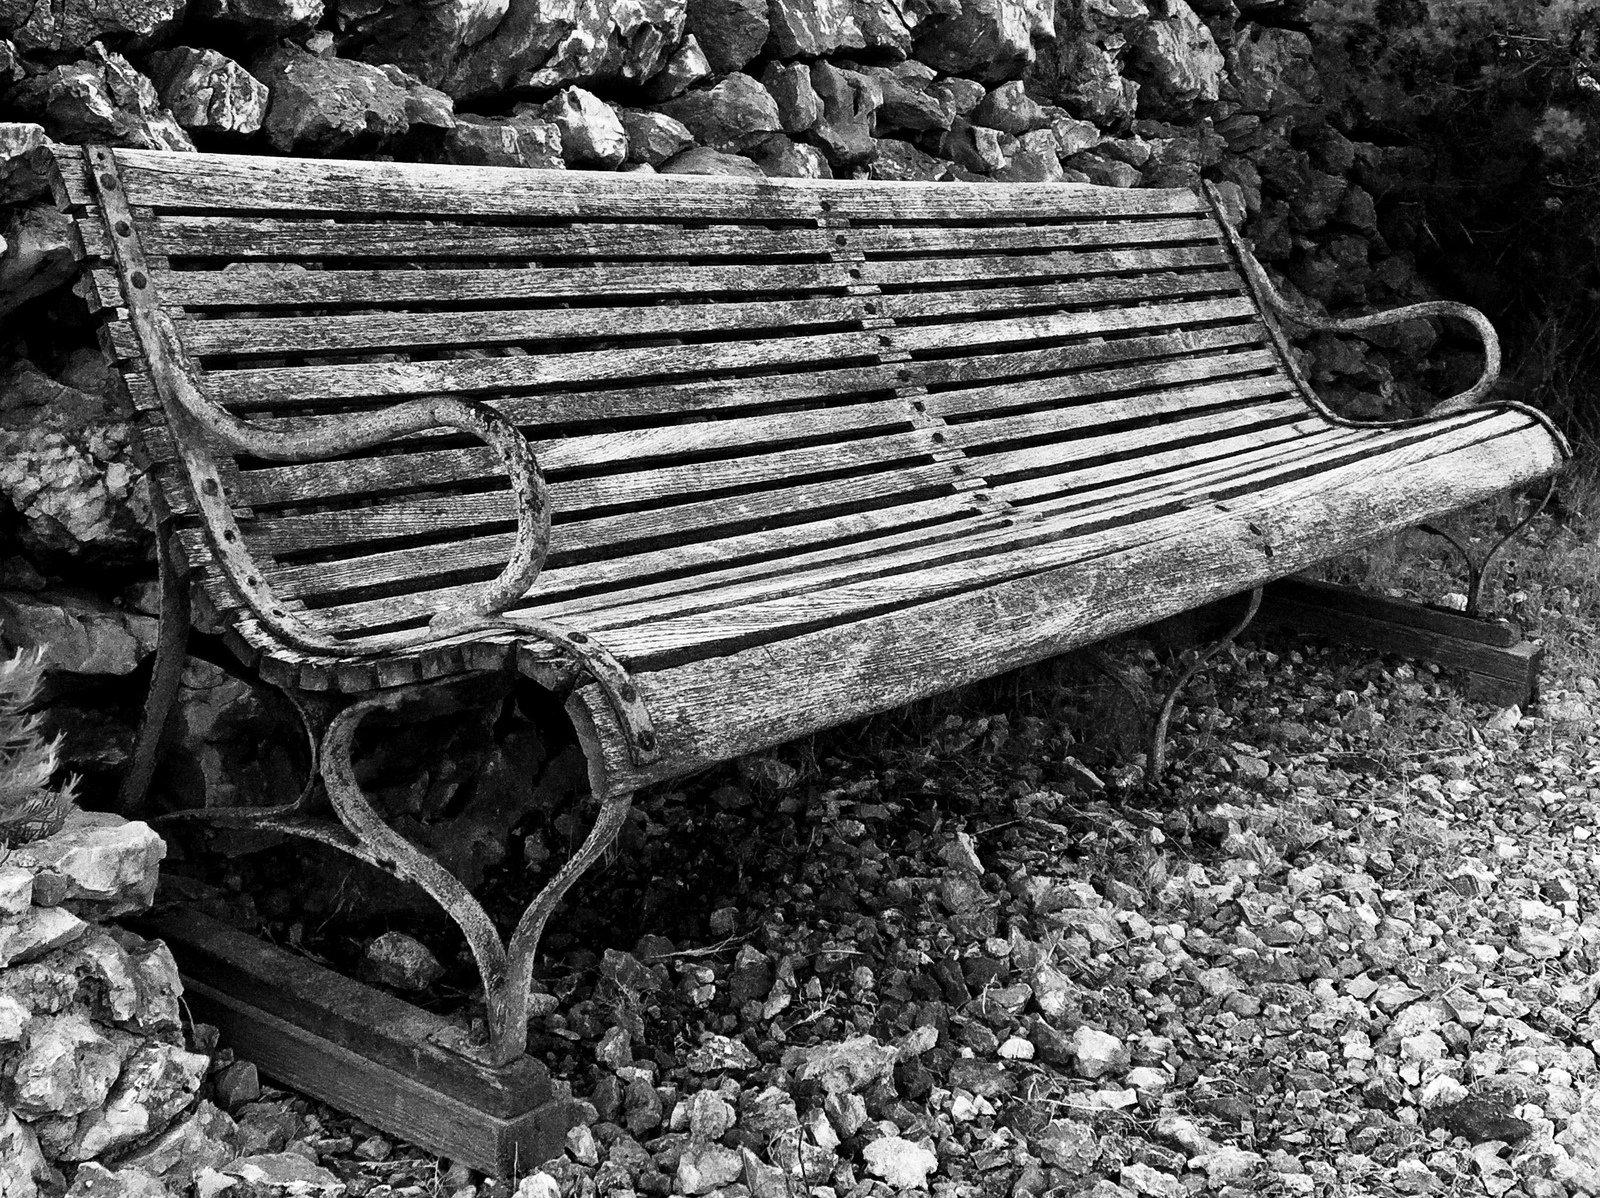 это самый старые скамейки картинки фото измерить объем бицепса